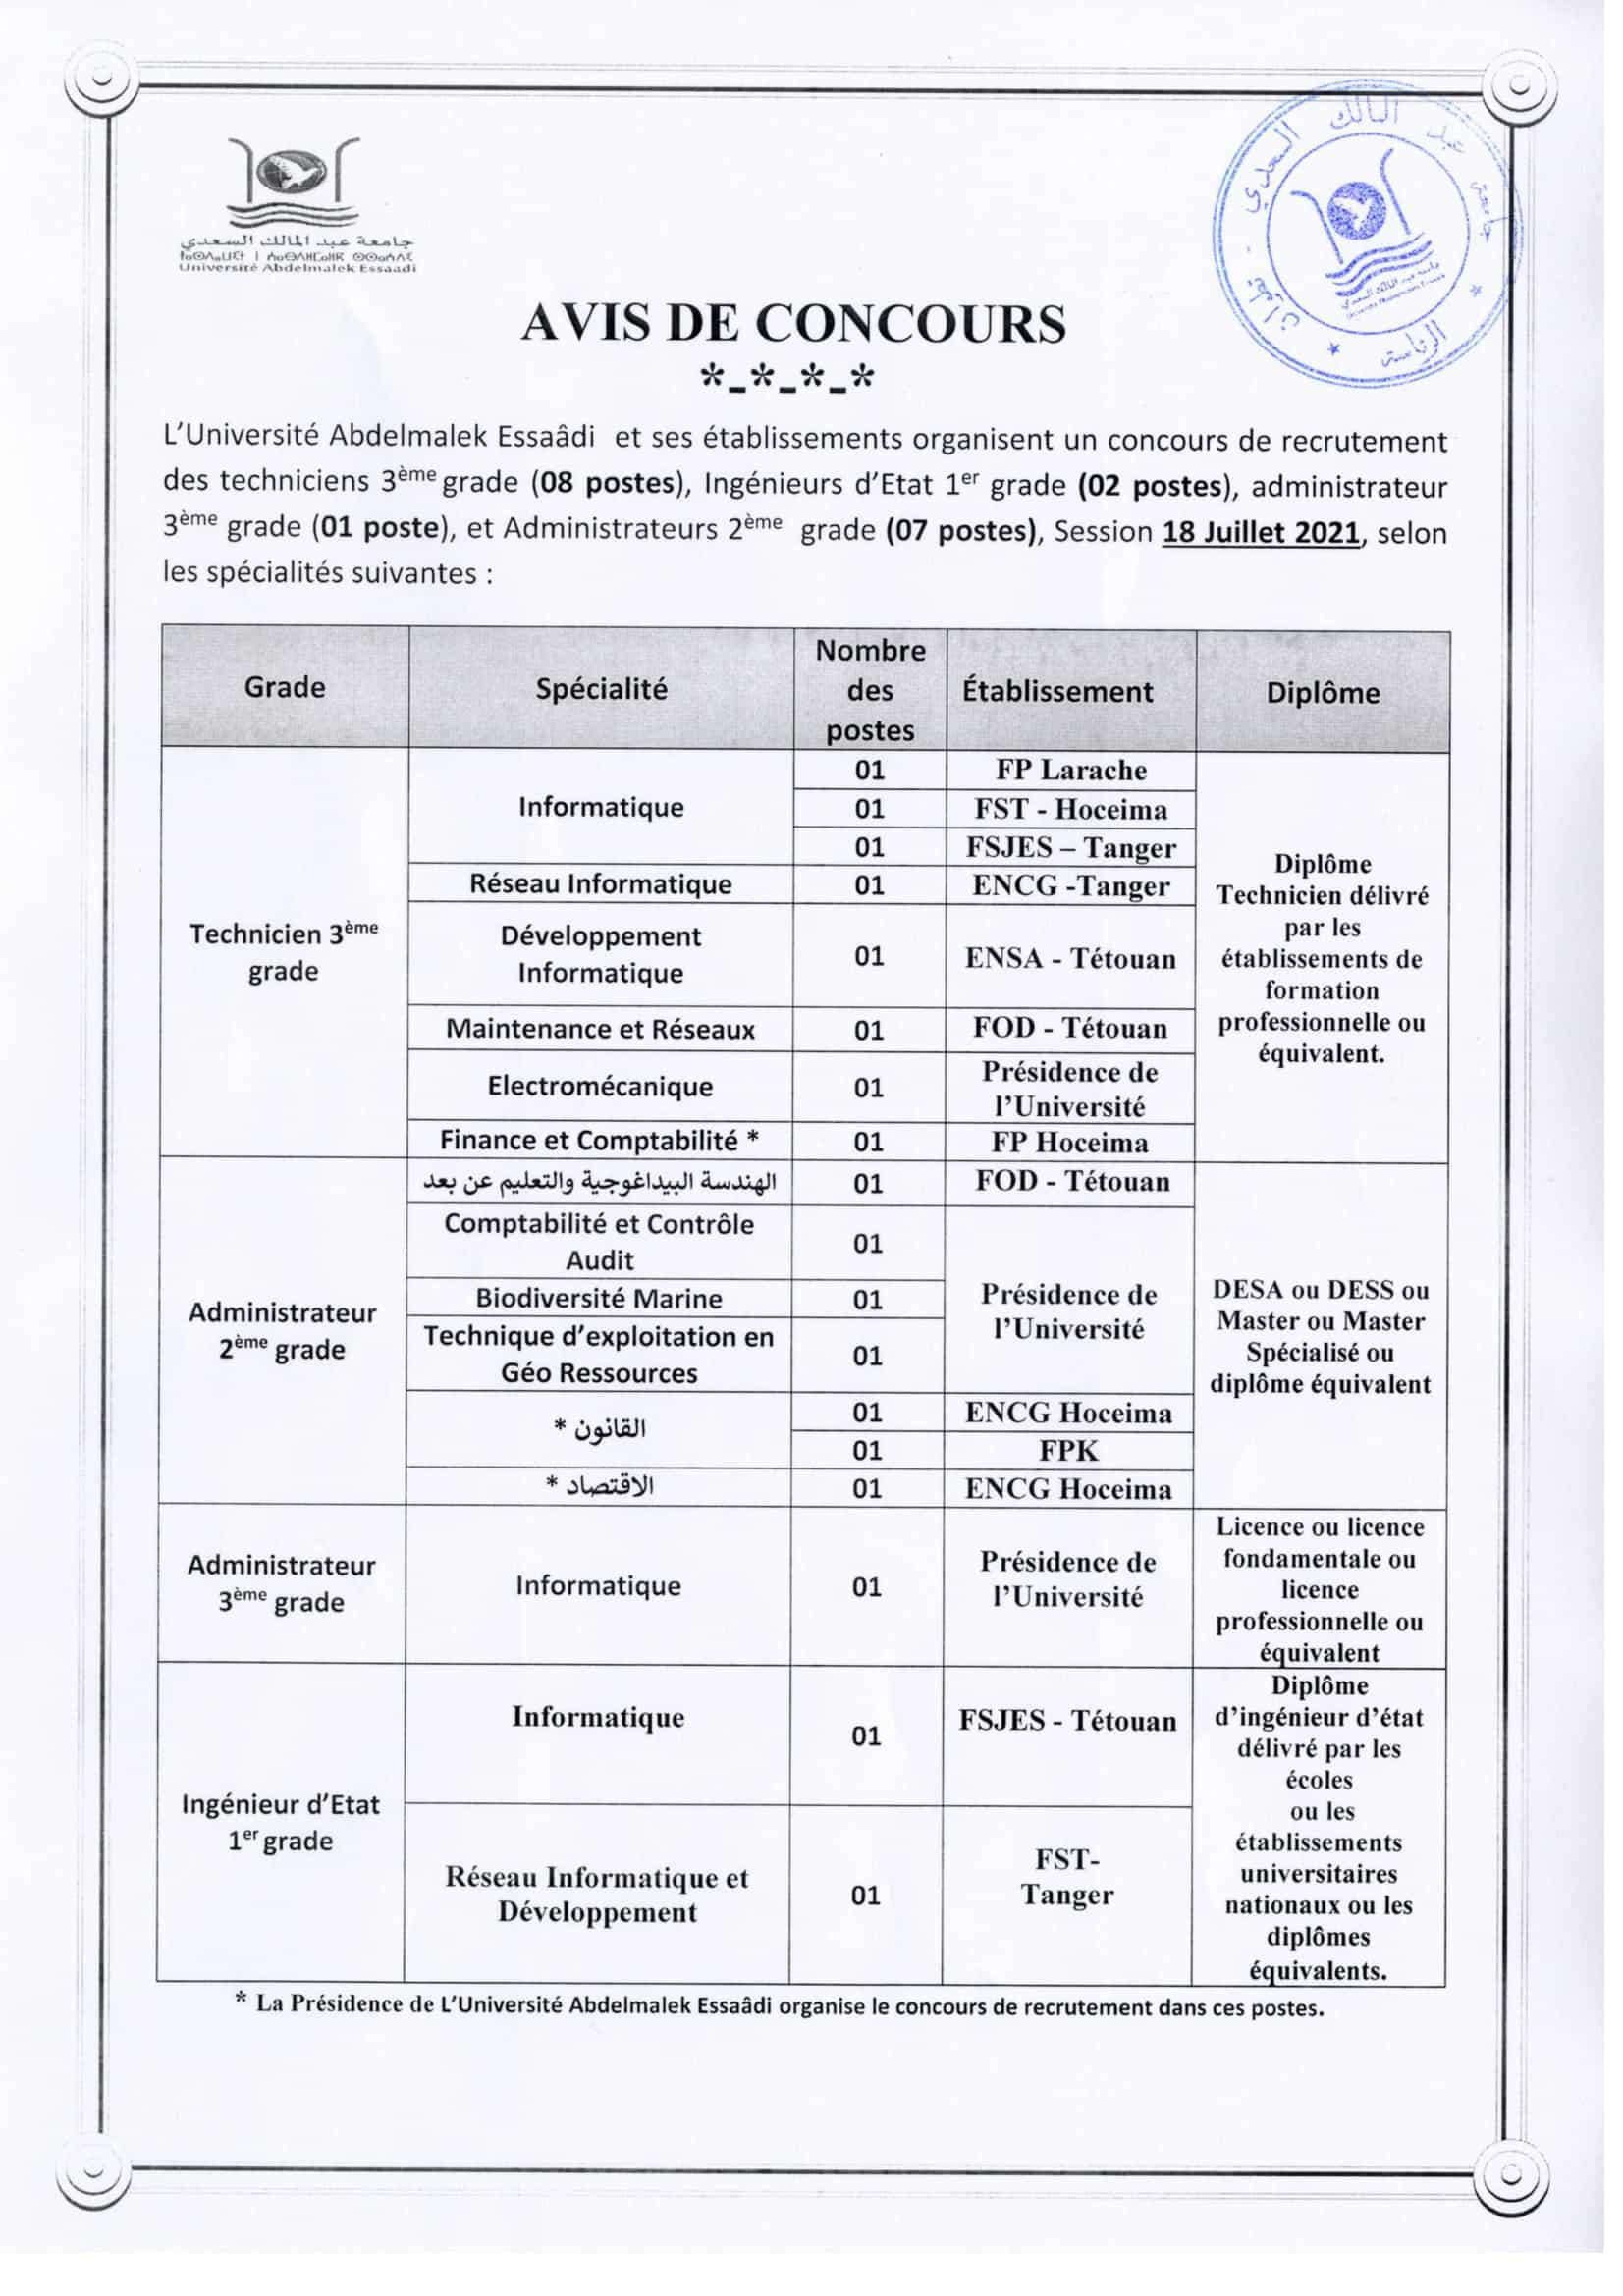 avis concours 18072021 3 Liste des Convoqués Concours Université Abdelmalek Essaâdi 2021 (40 Postes)